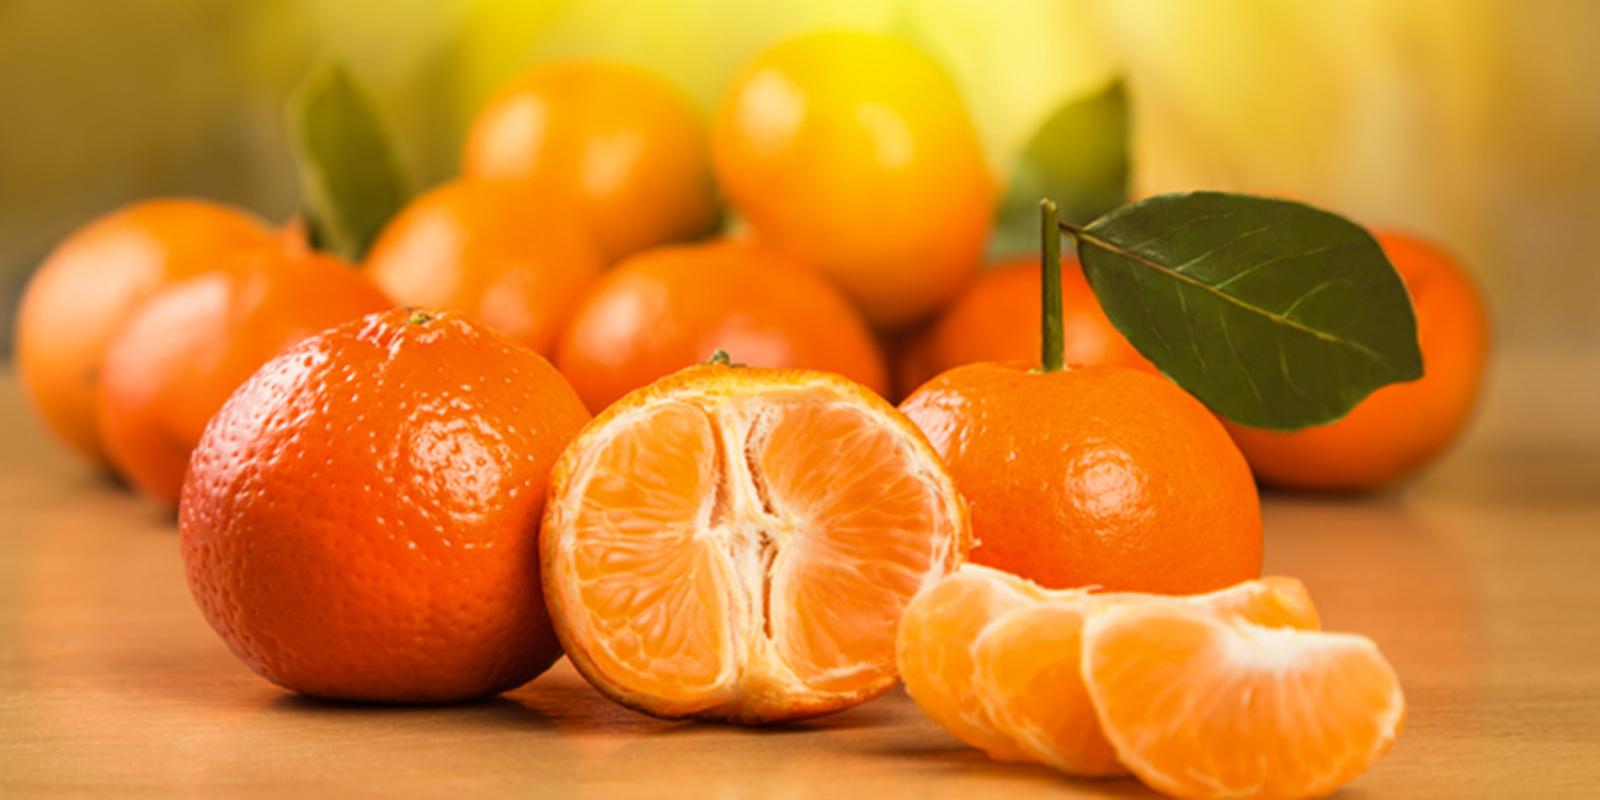 Spagna: concorrenza sleale all'ortofrutta italiana su pesticidi e carburante. La Cina blocca l'import